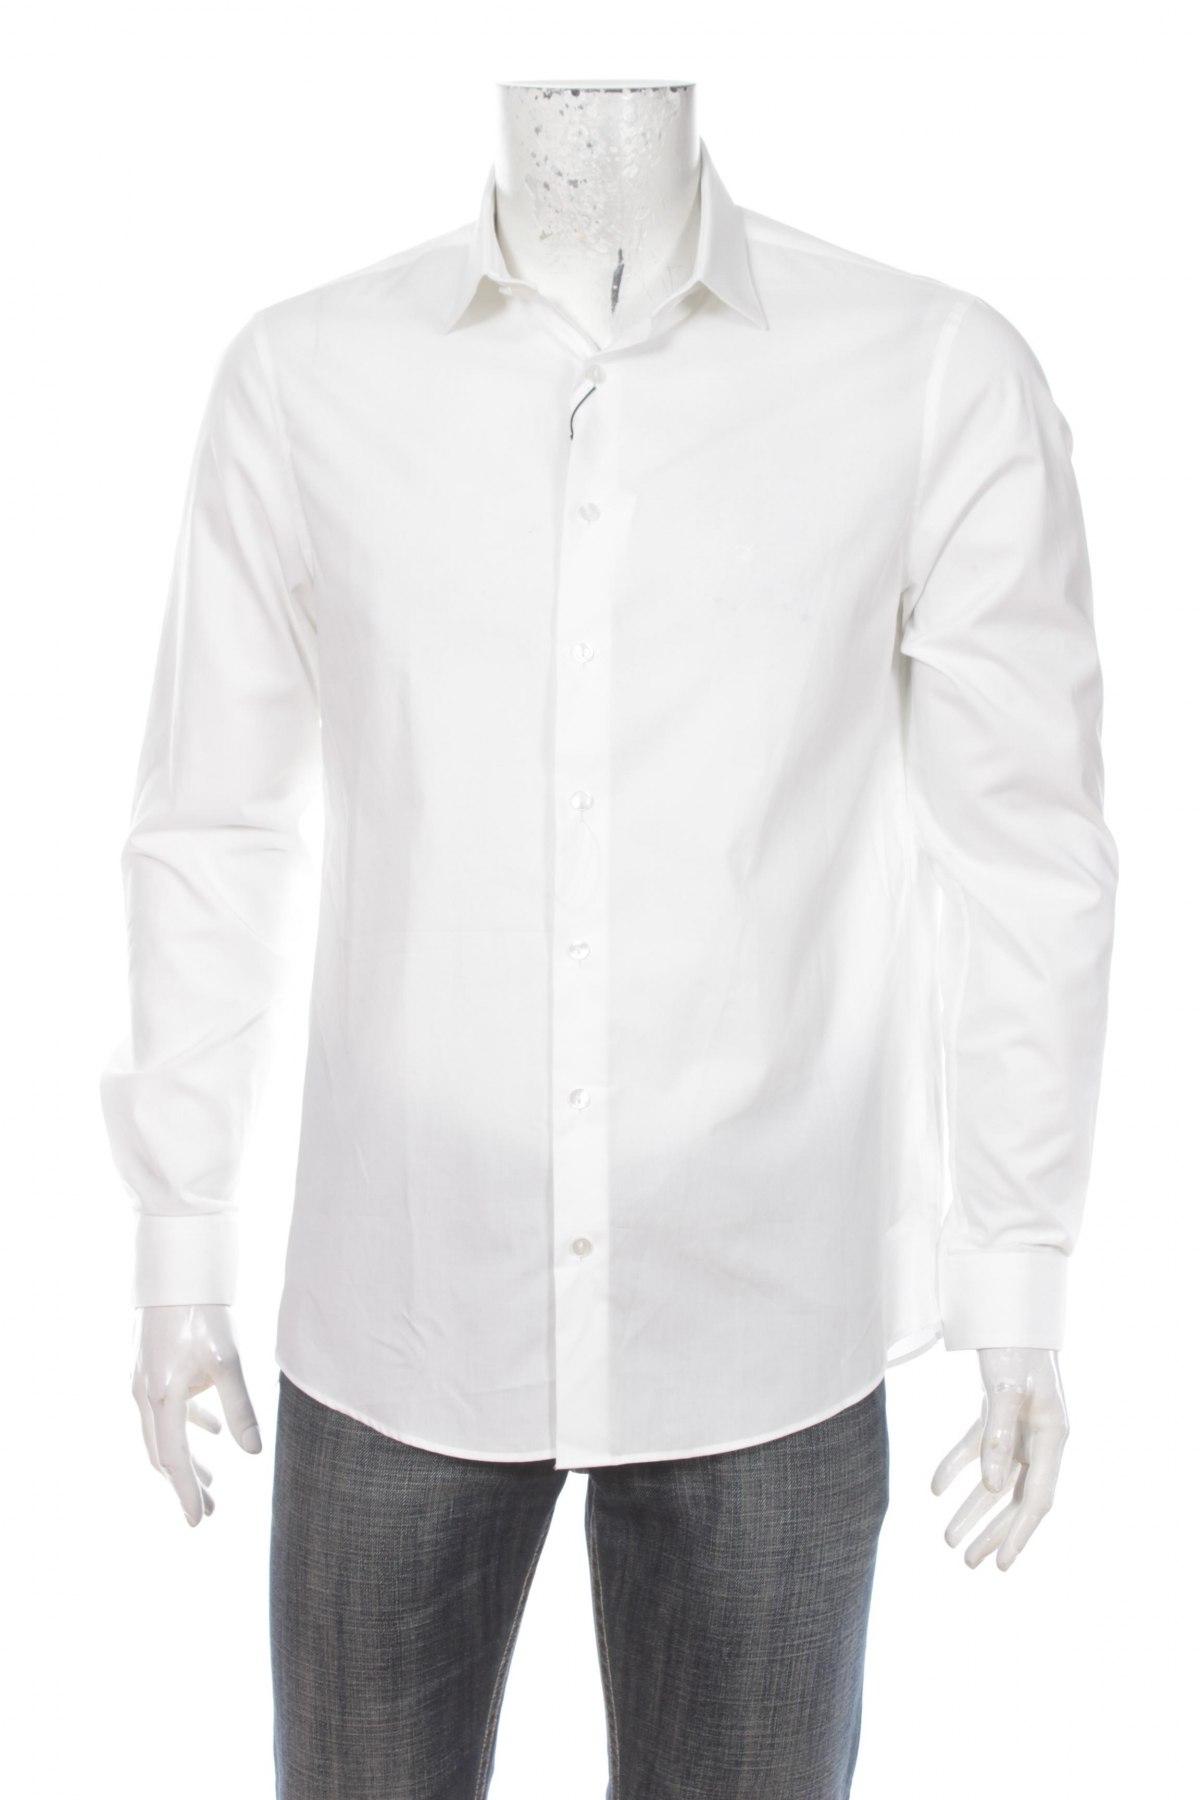 3462b258b4 Pánska košeľa Calvin Klein - za výhodnú cenu na Remix -  8247362